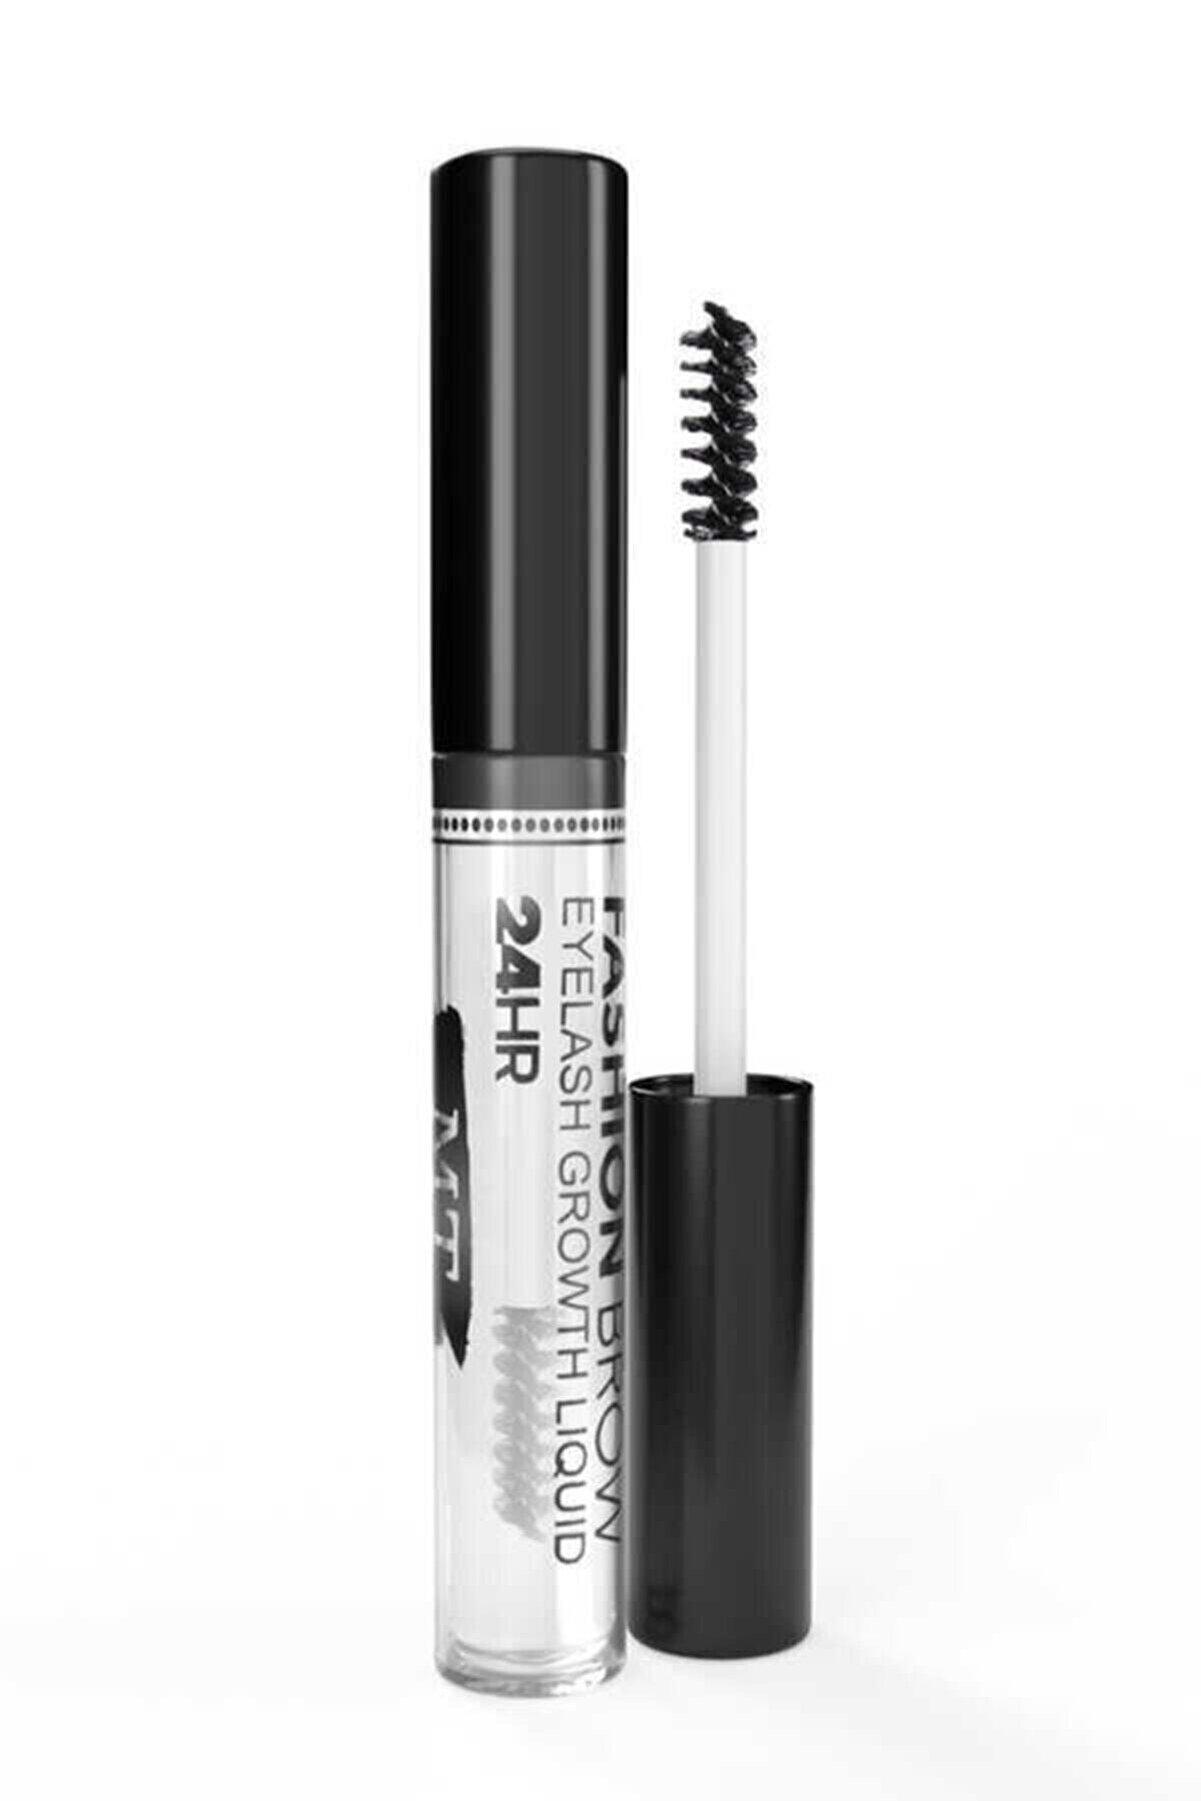 Makeuptime Kirpik & Kaş Için Şeffaf Jel Maskara